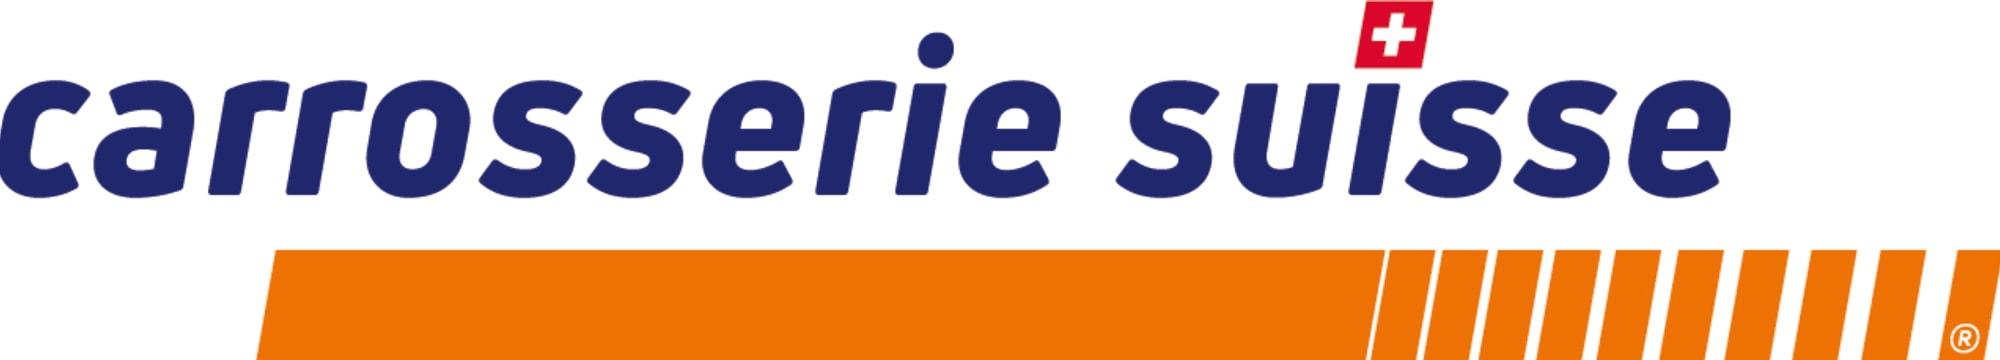 Logo_carrosserie_suisse_Hexadezimal